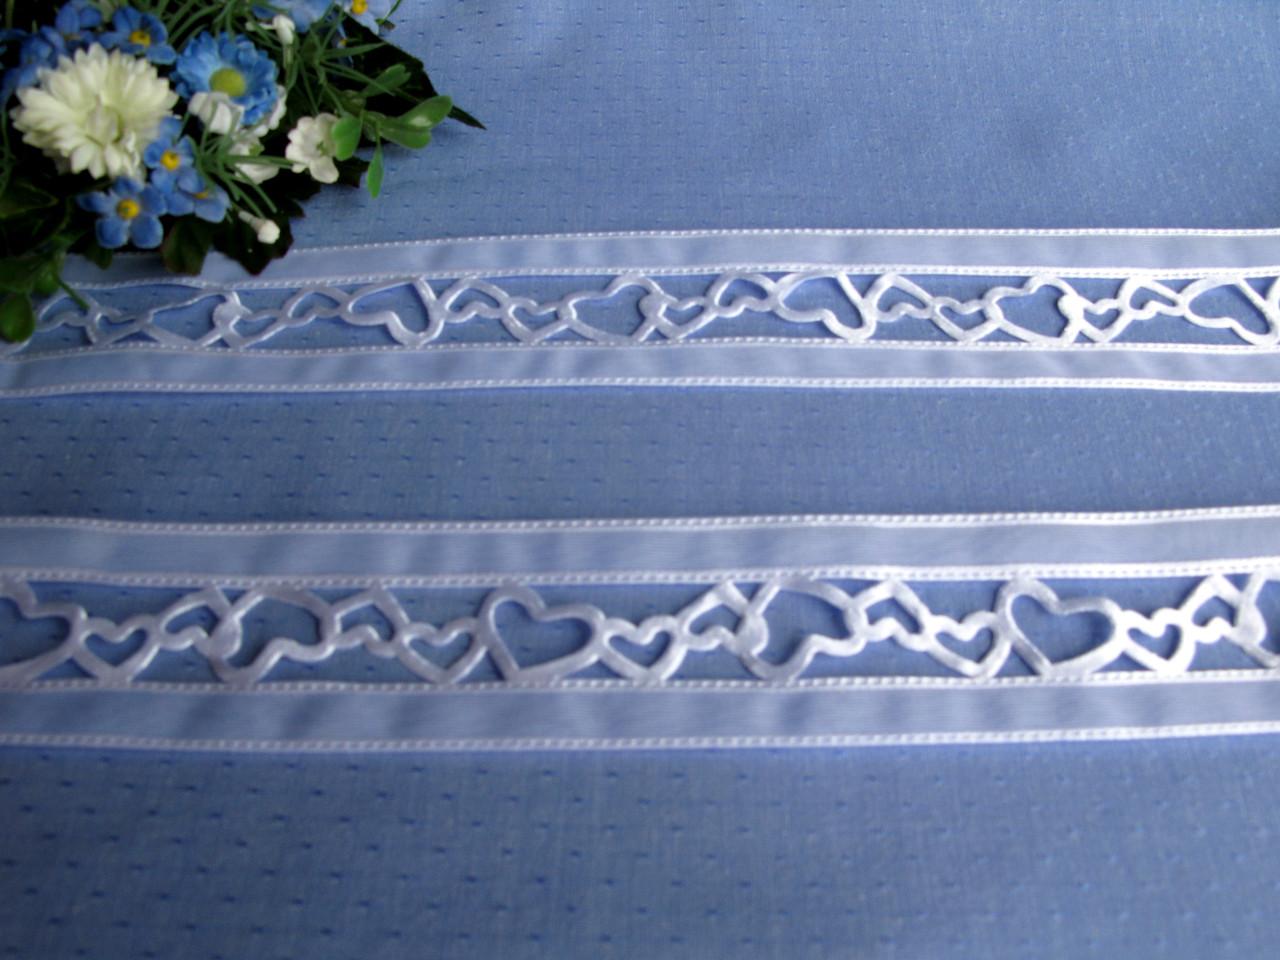 Лента ажурная белая 4 см цена за метр 12 грн метр